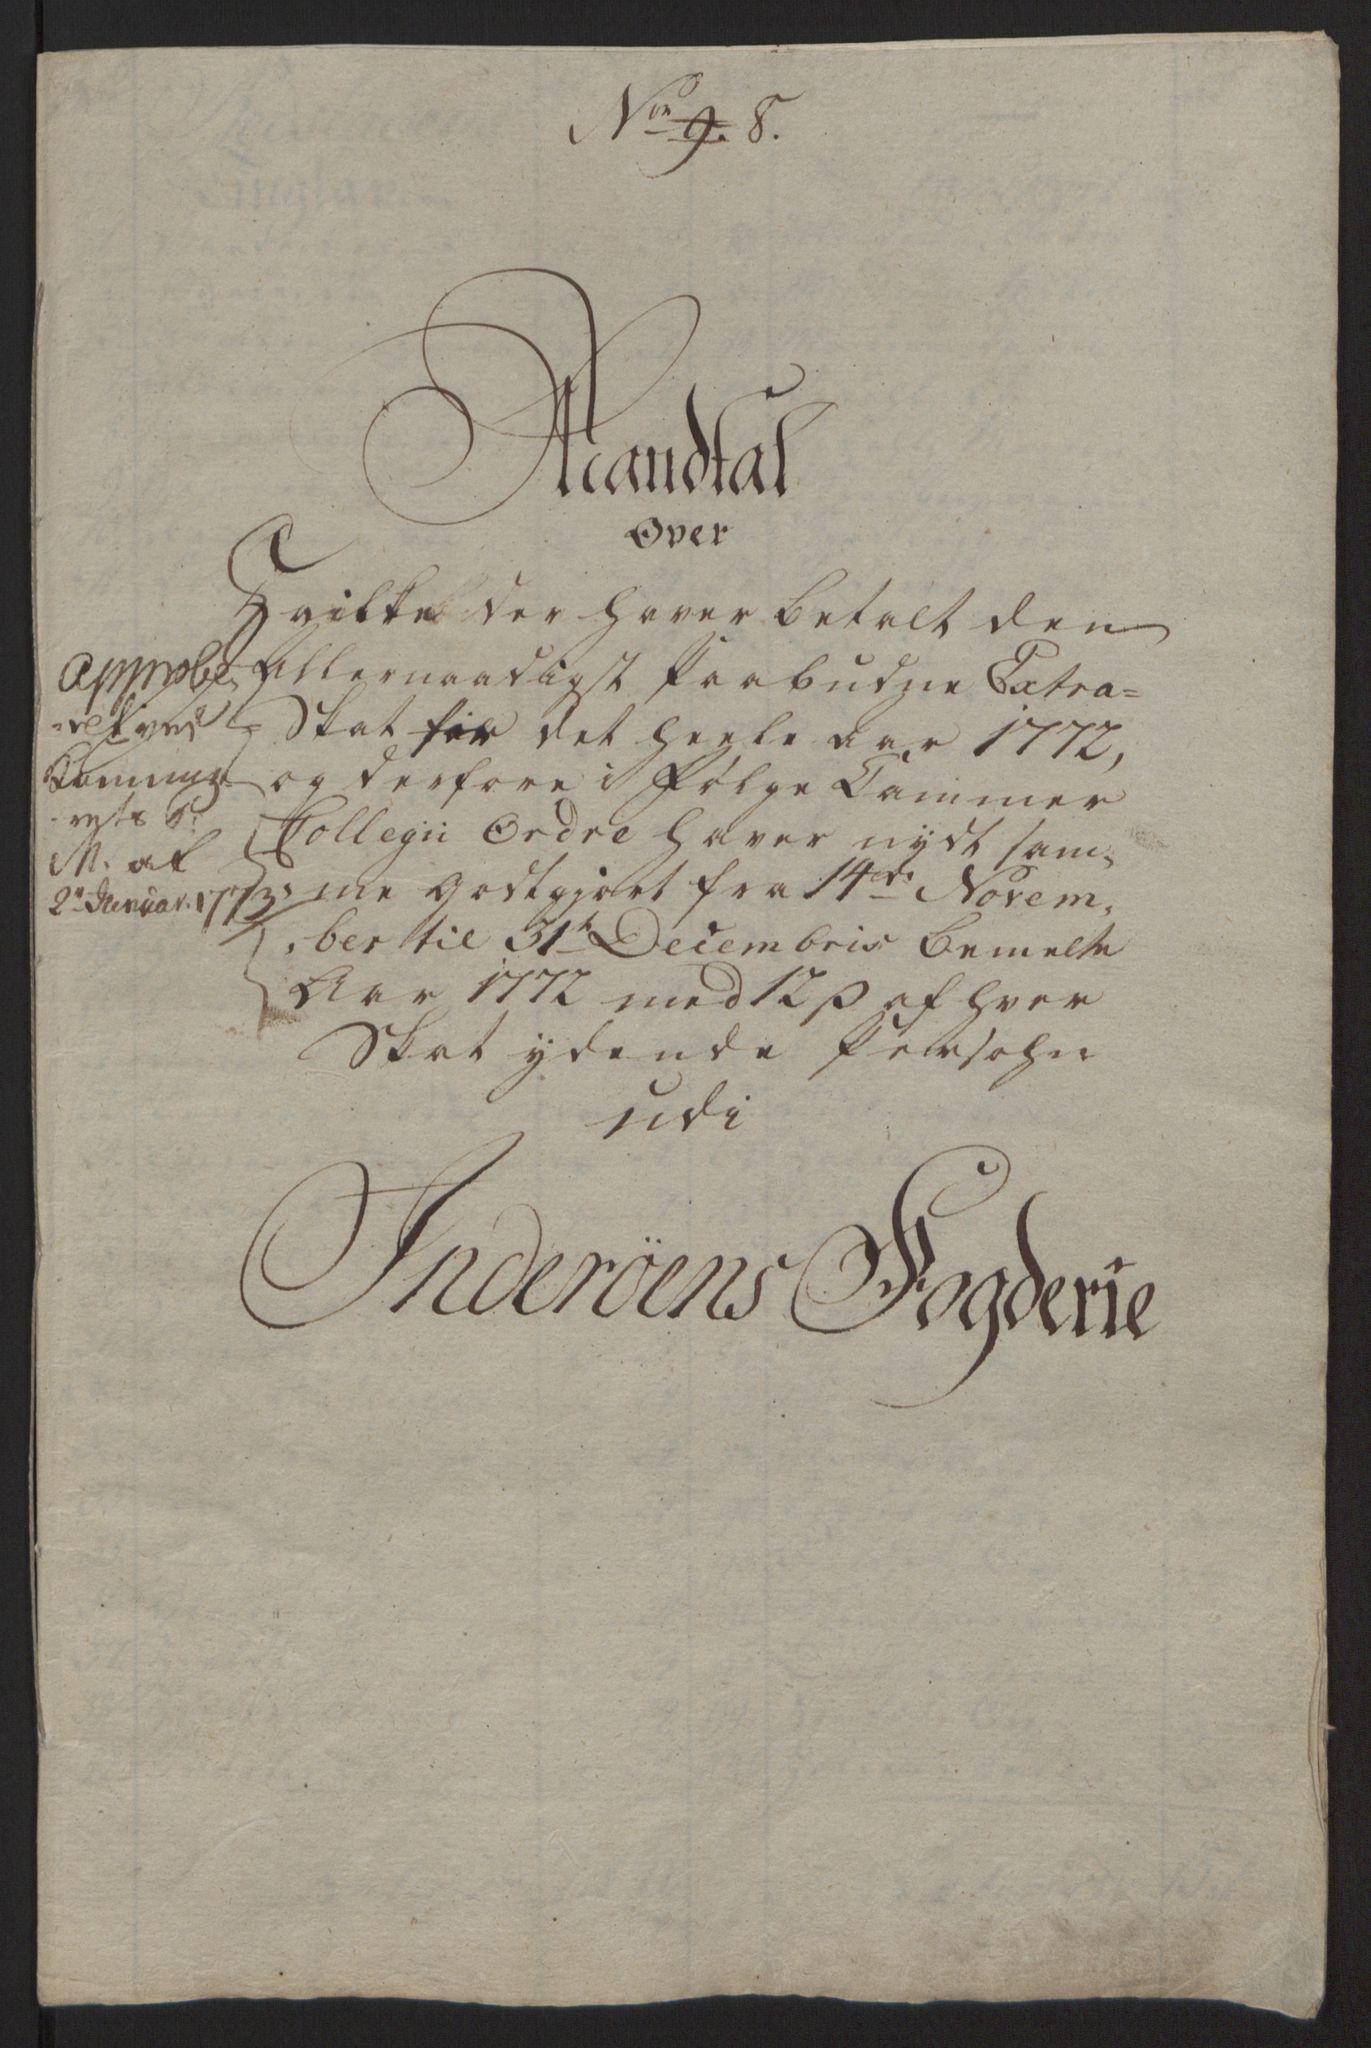 RA, Rentekammeret inntil 1814, Reviderte regnskaper, Fogderegnskap, R63/L4420: Ekstraskatten Inderøy, 1762-1772, s. 515